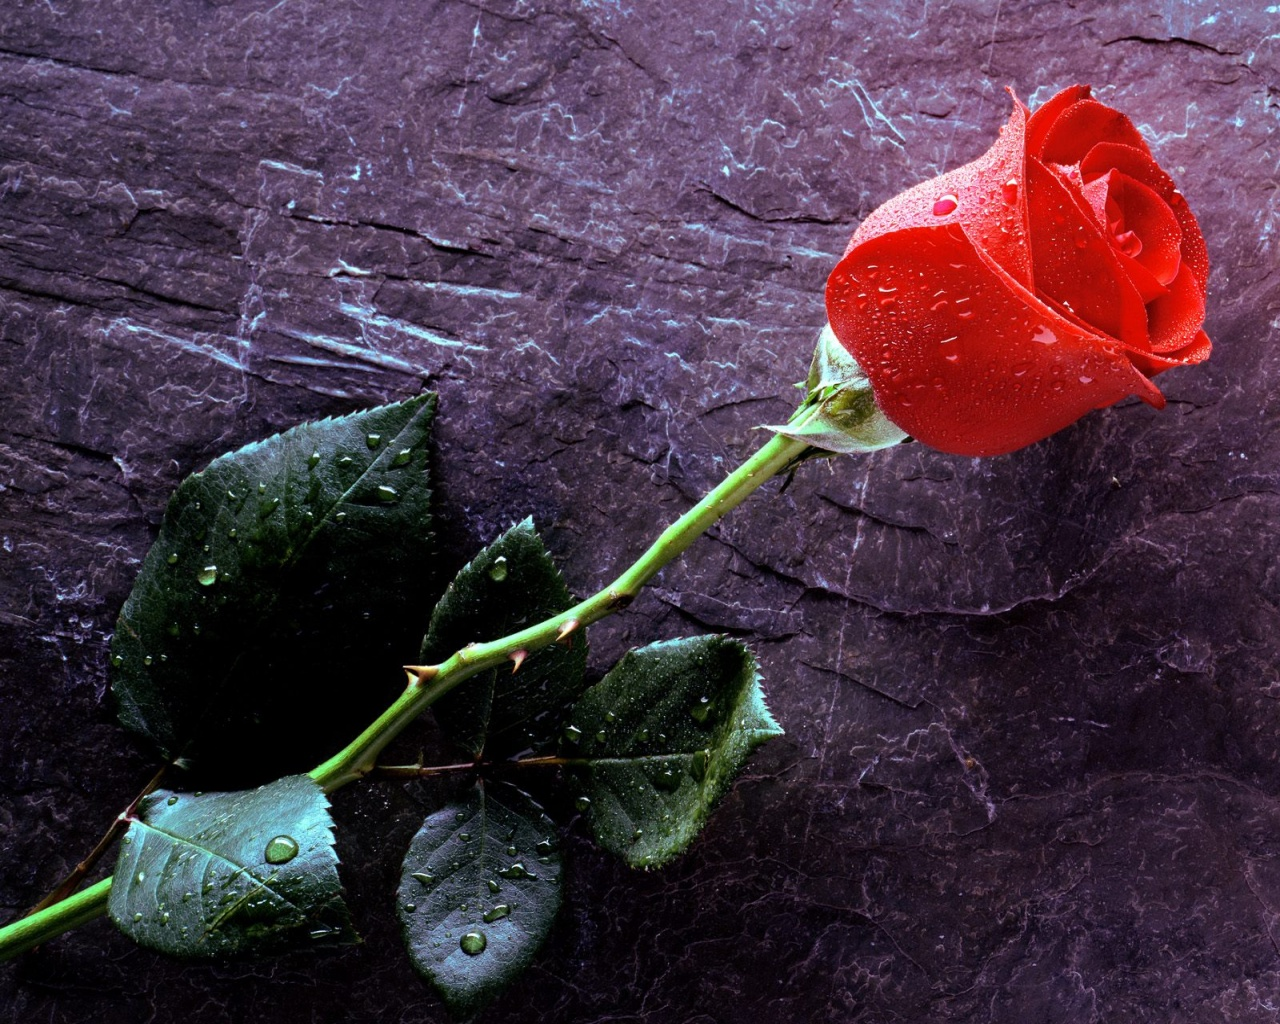 http://3.bp.blogspot.com/-bDZwPOBZZQ0/T1e9M9VVNWI/AAAAAAAAAZY/-BFmH8fltzI/s1600/Red-Roses-HD-Wallpapers-2012+%283%29.jpg